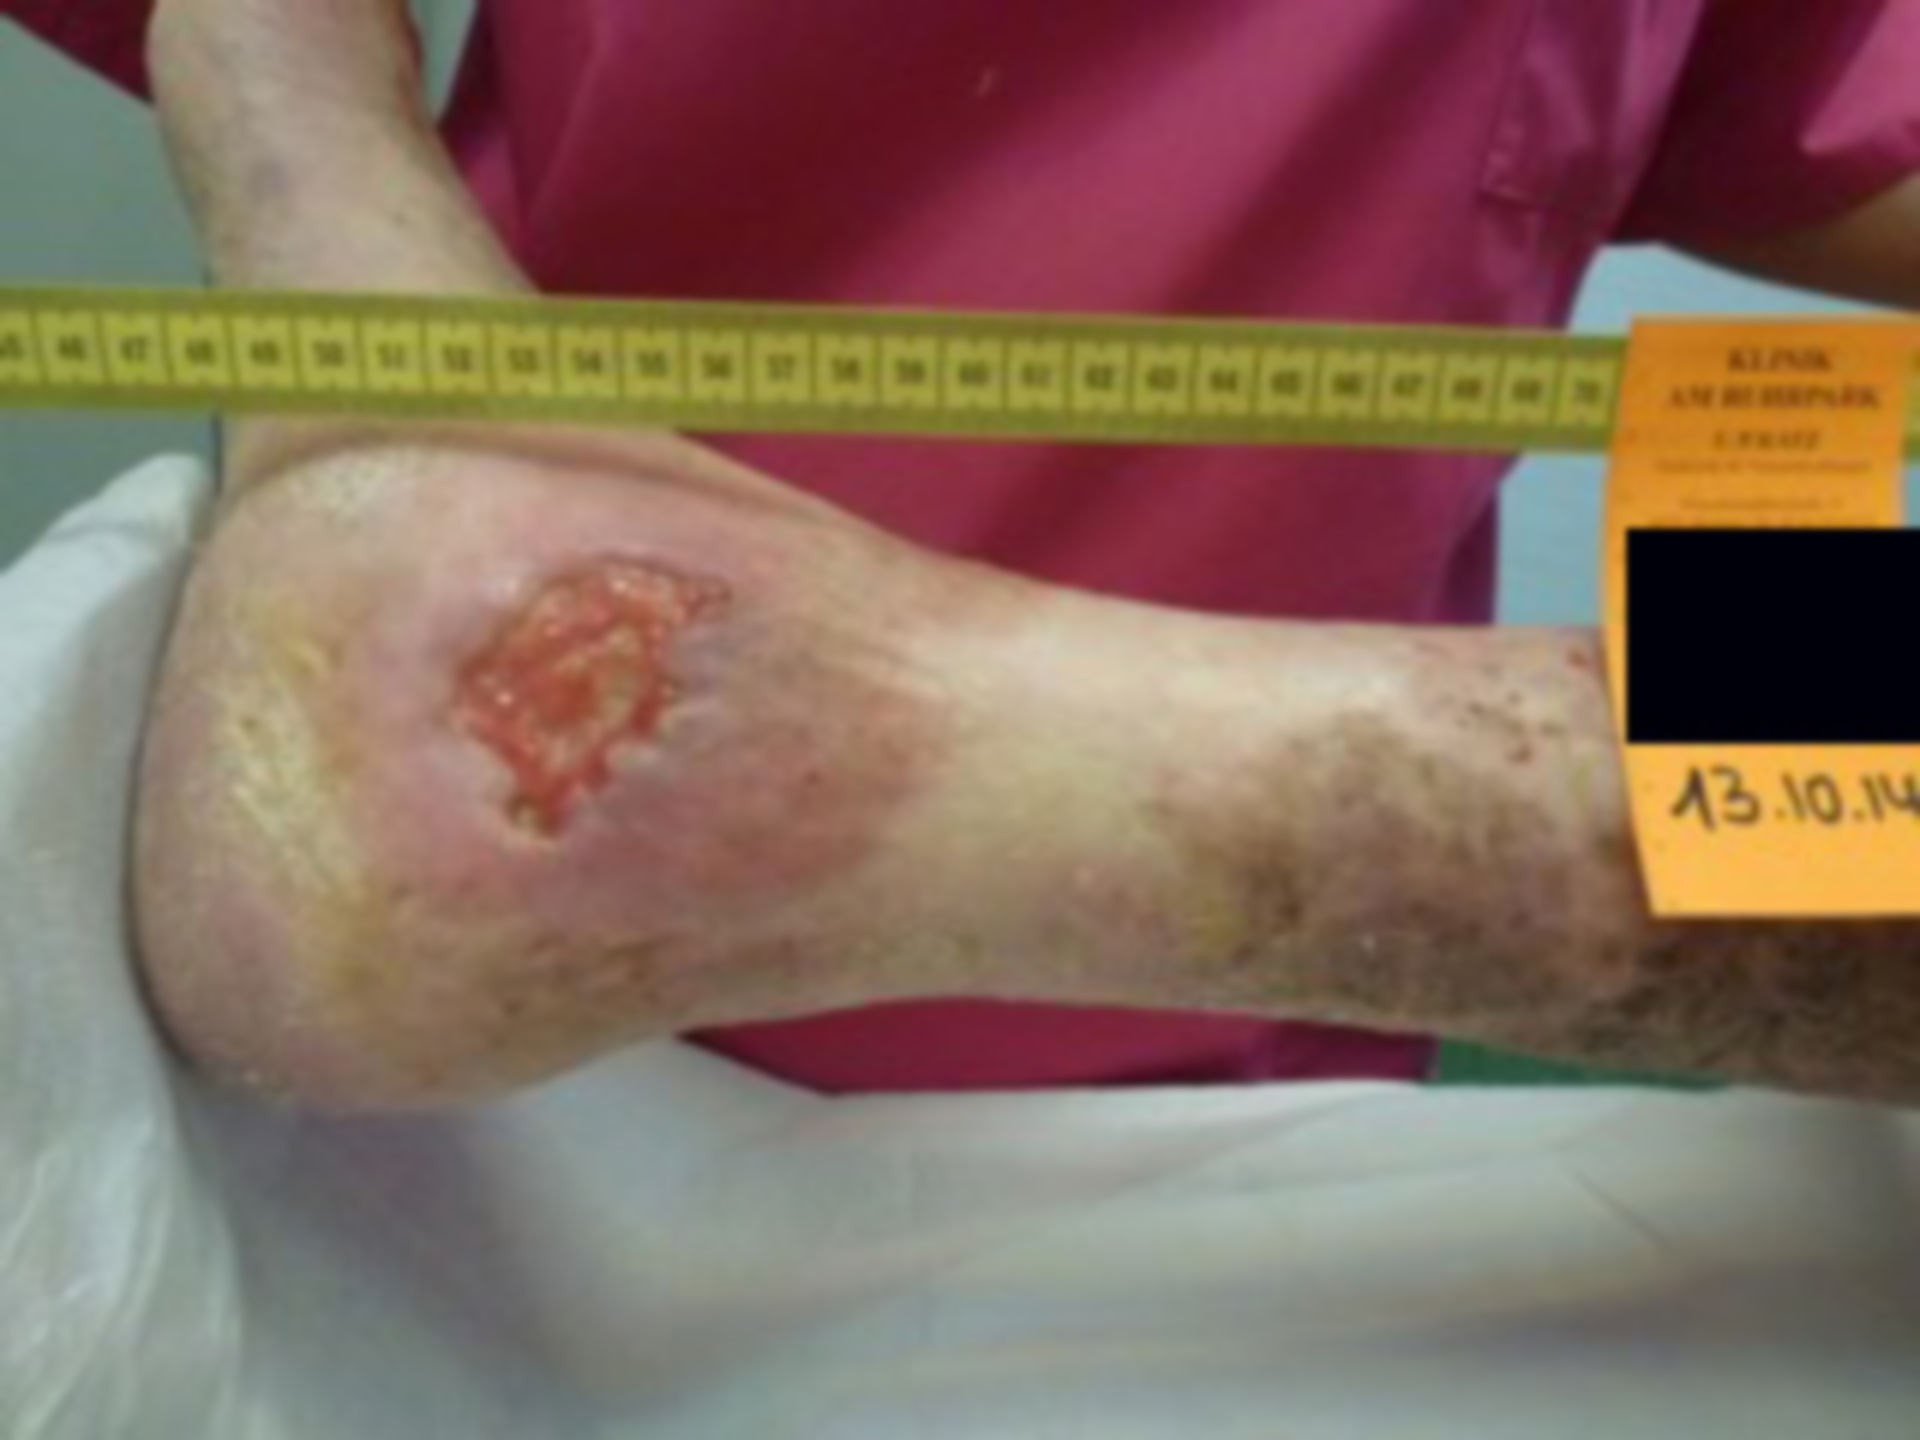 Úlcera de la pierna - abierta por 40 años (34)